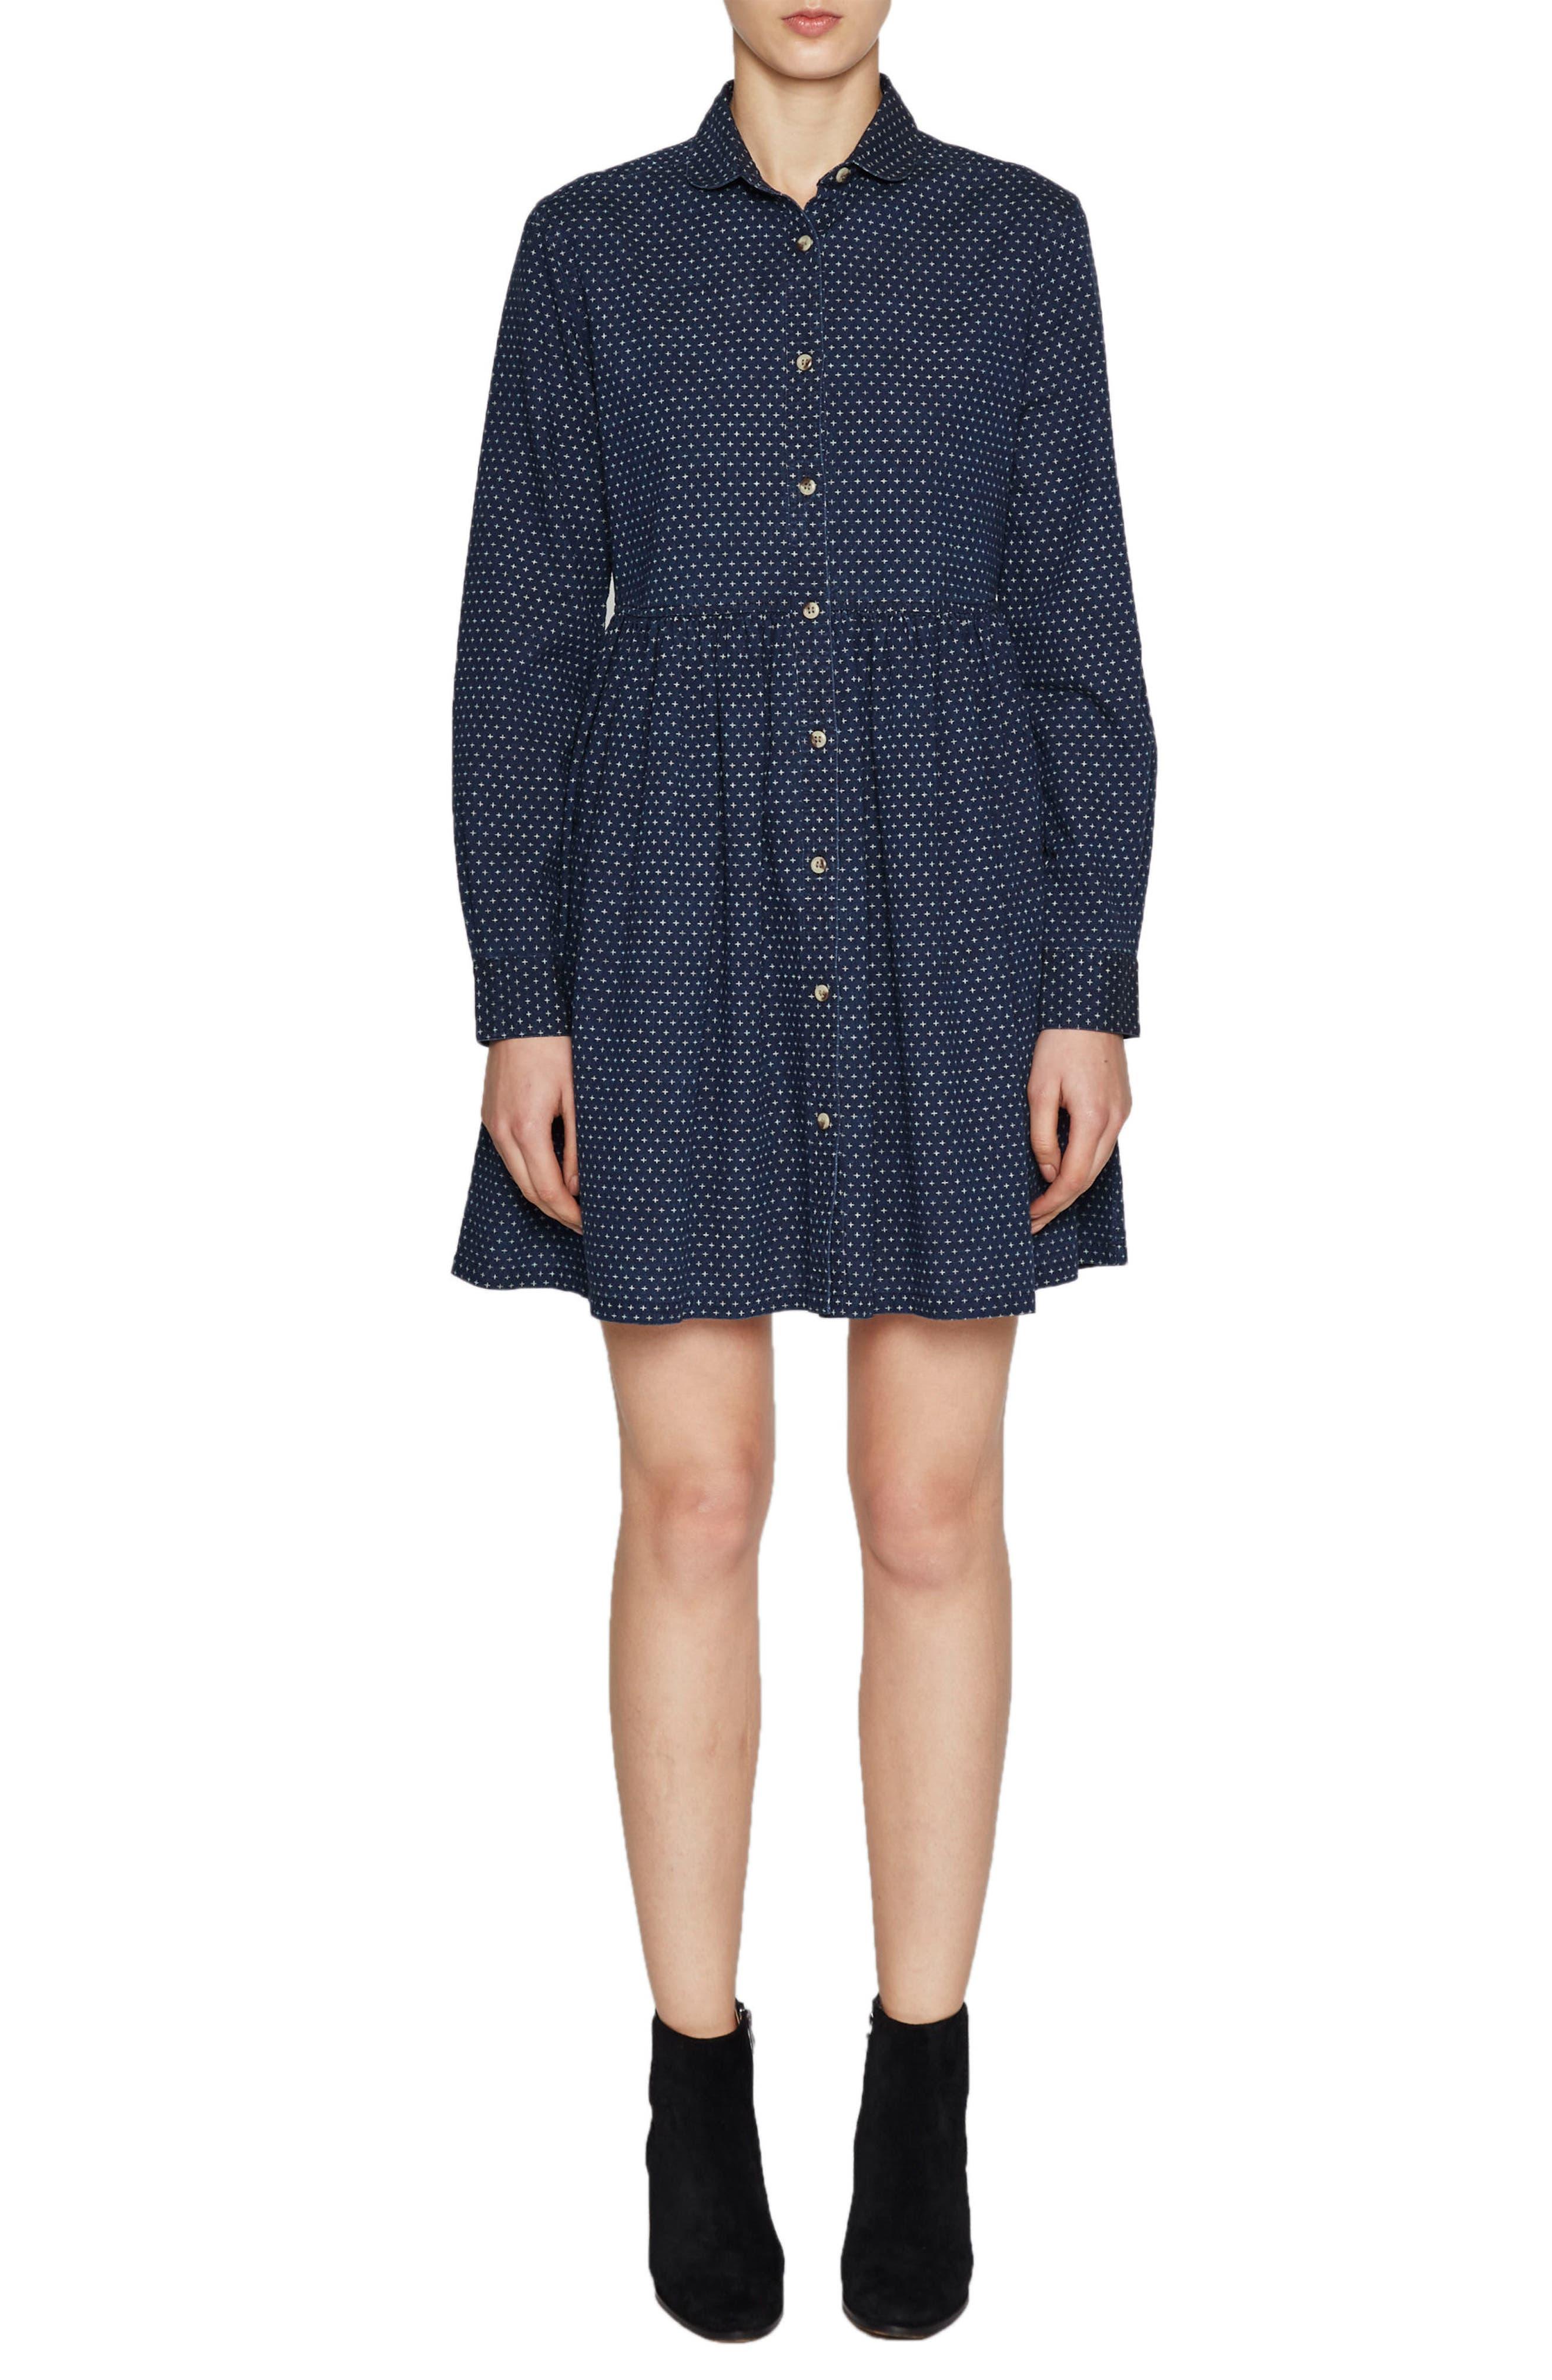 Indigo Cross Denim Shirtdress,                         Main,                         color, Indigo